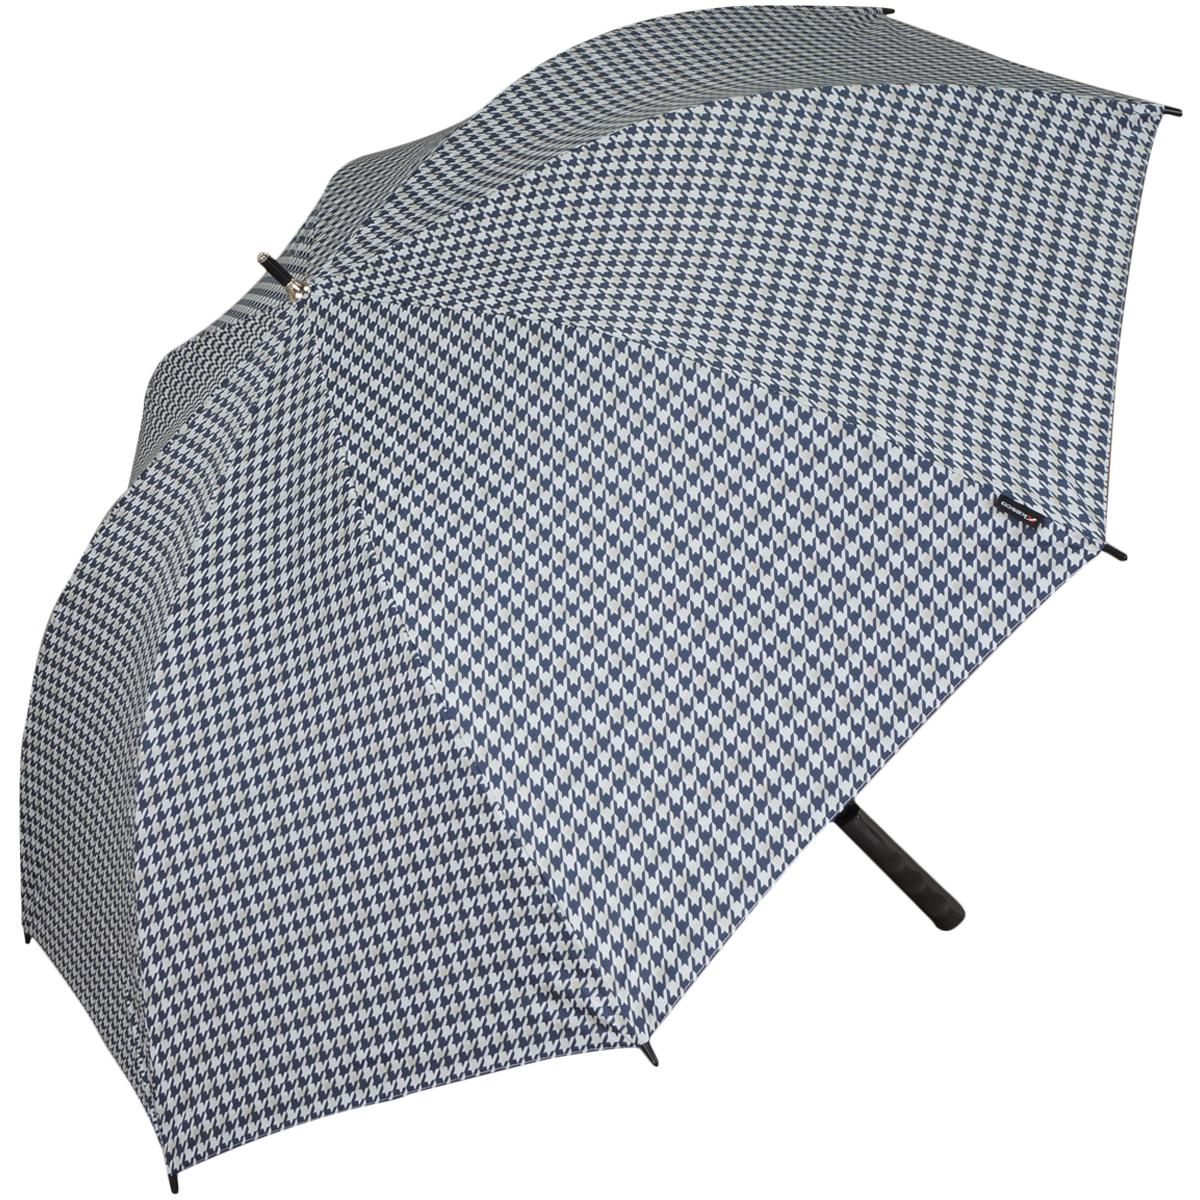 千鳥柄晴雨兼用ワンタッチ傘